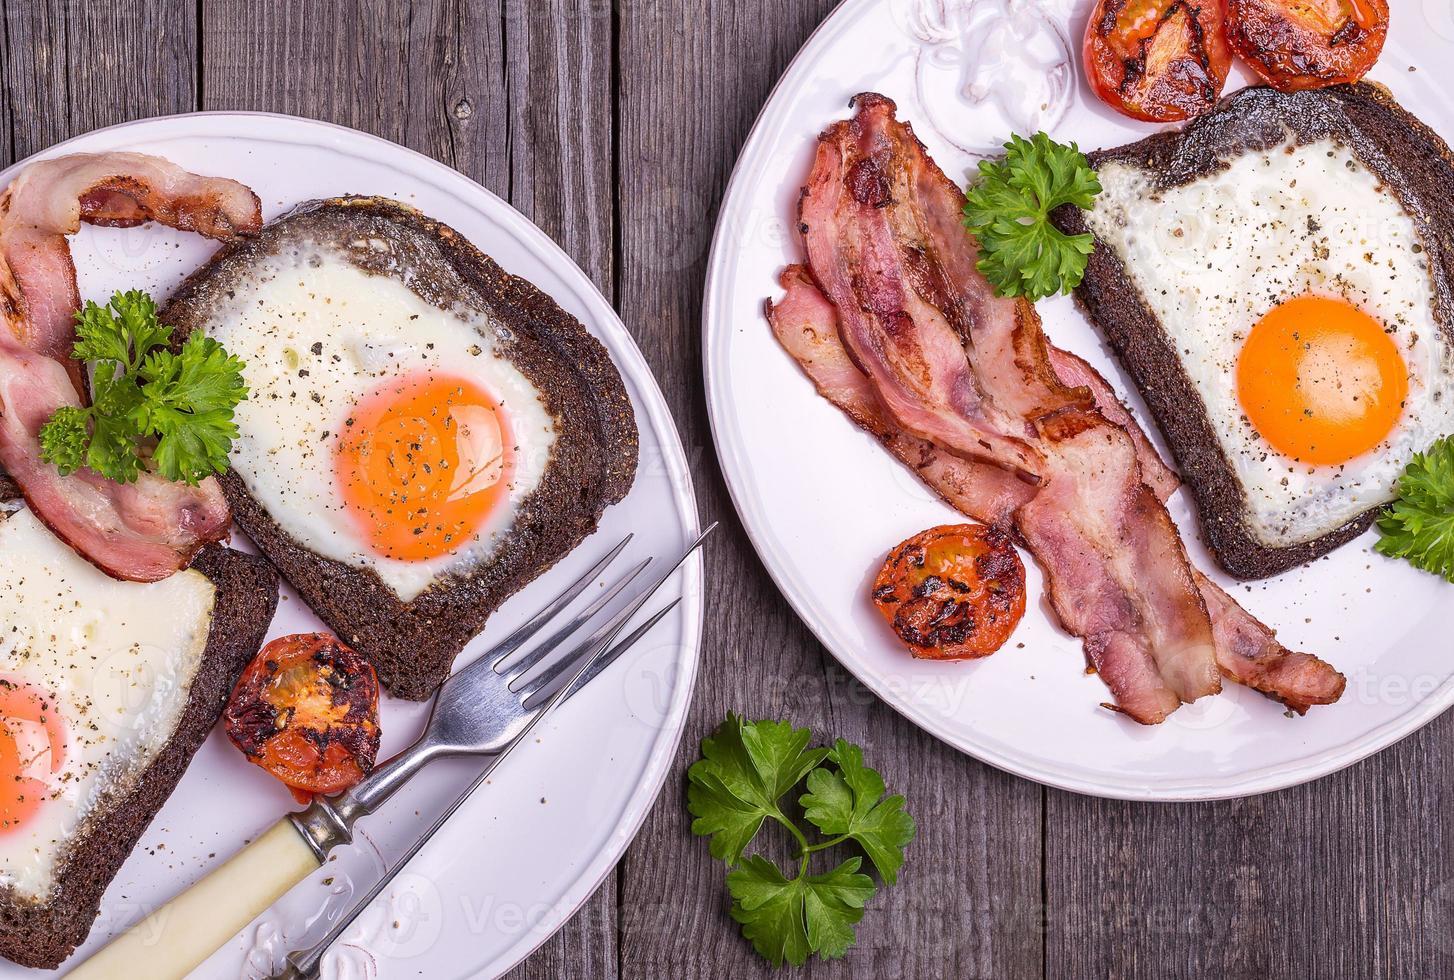 ovos fritos em pão de centeio com bacon, em estilo rústico. foto